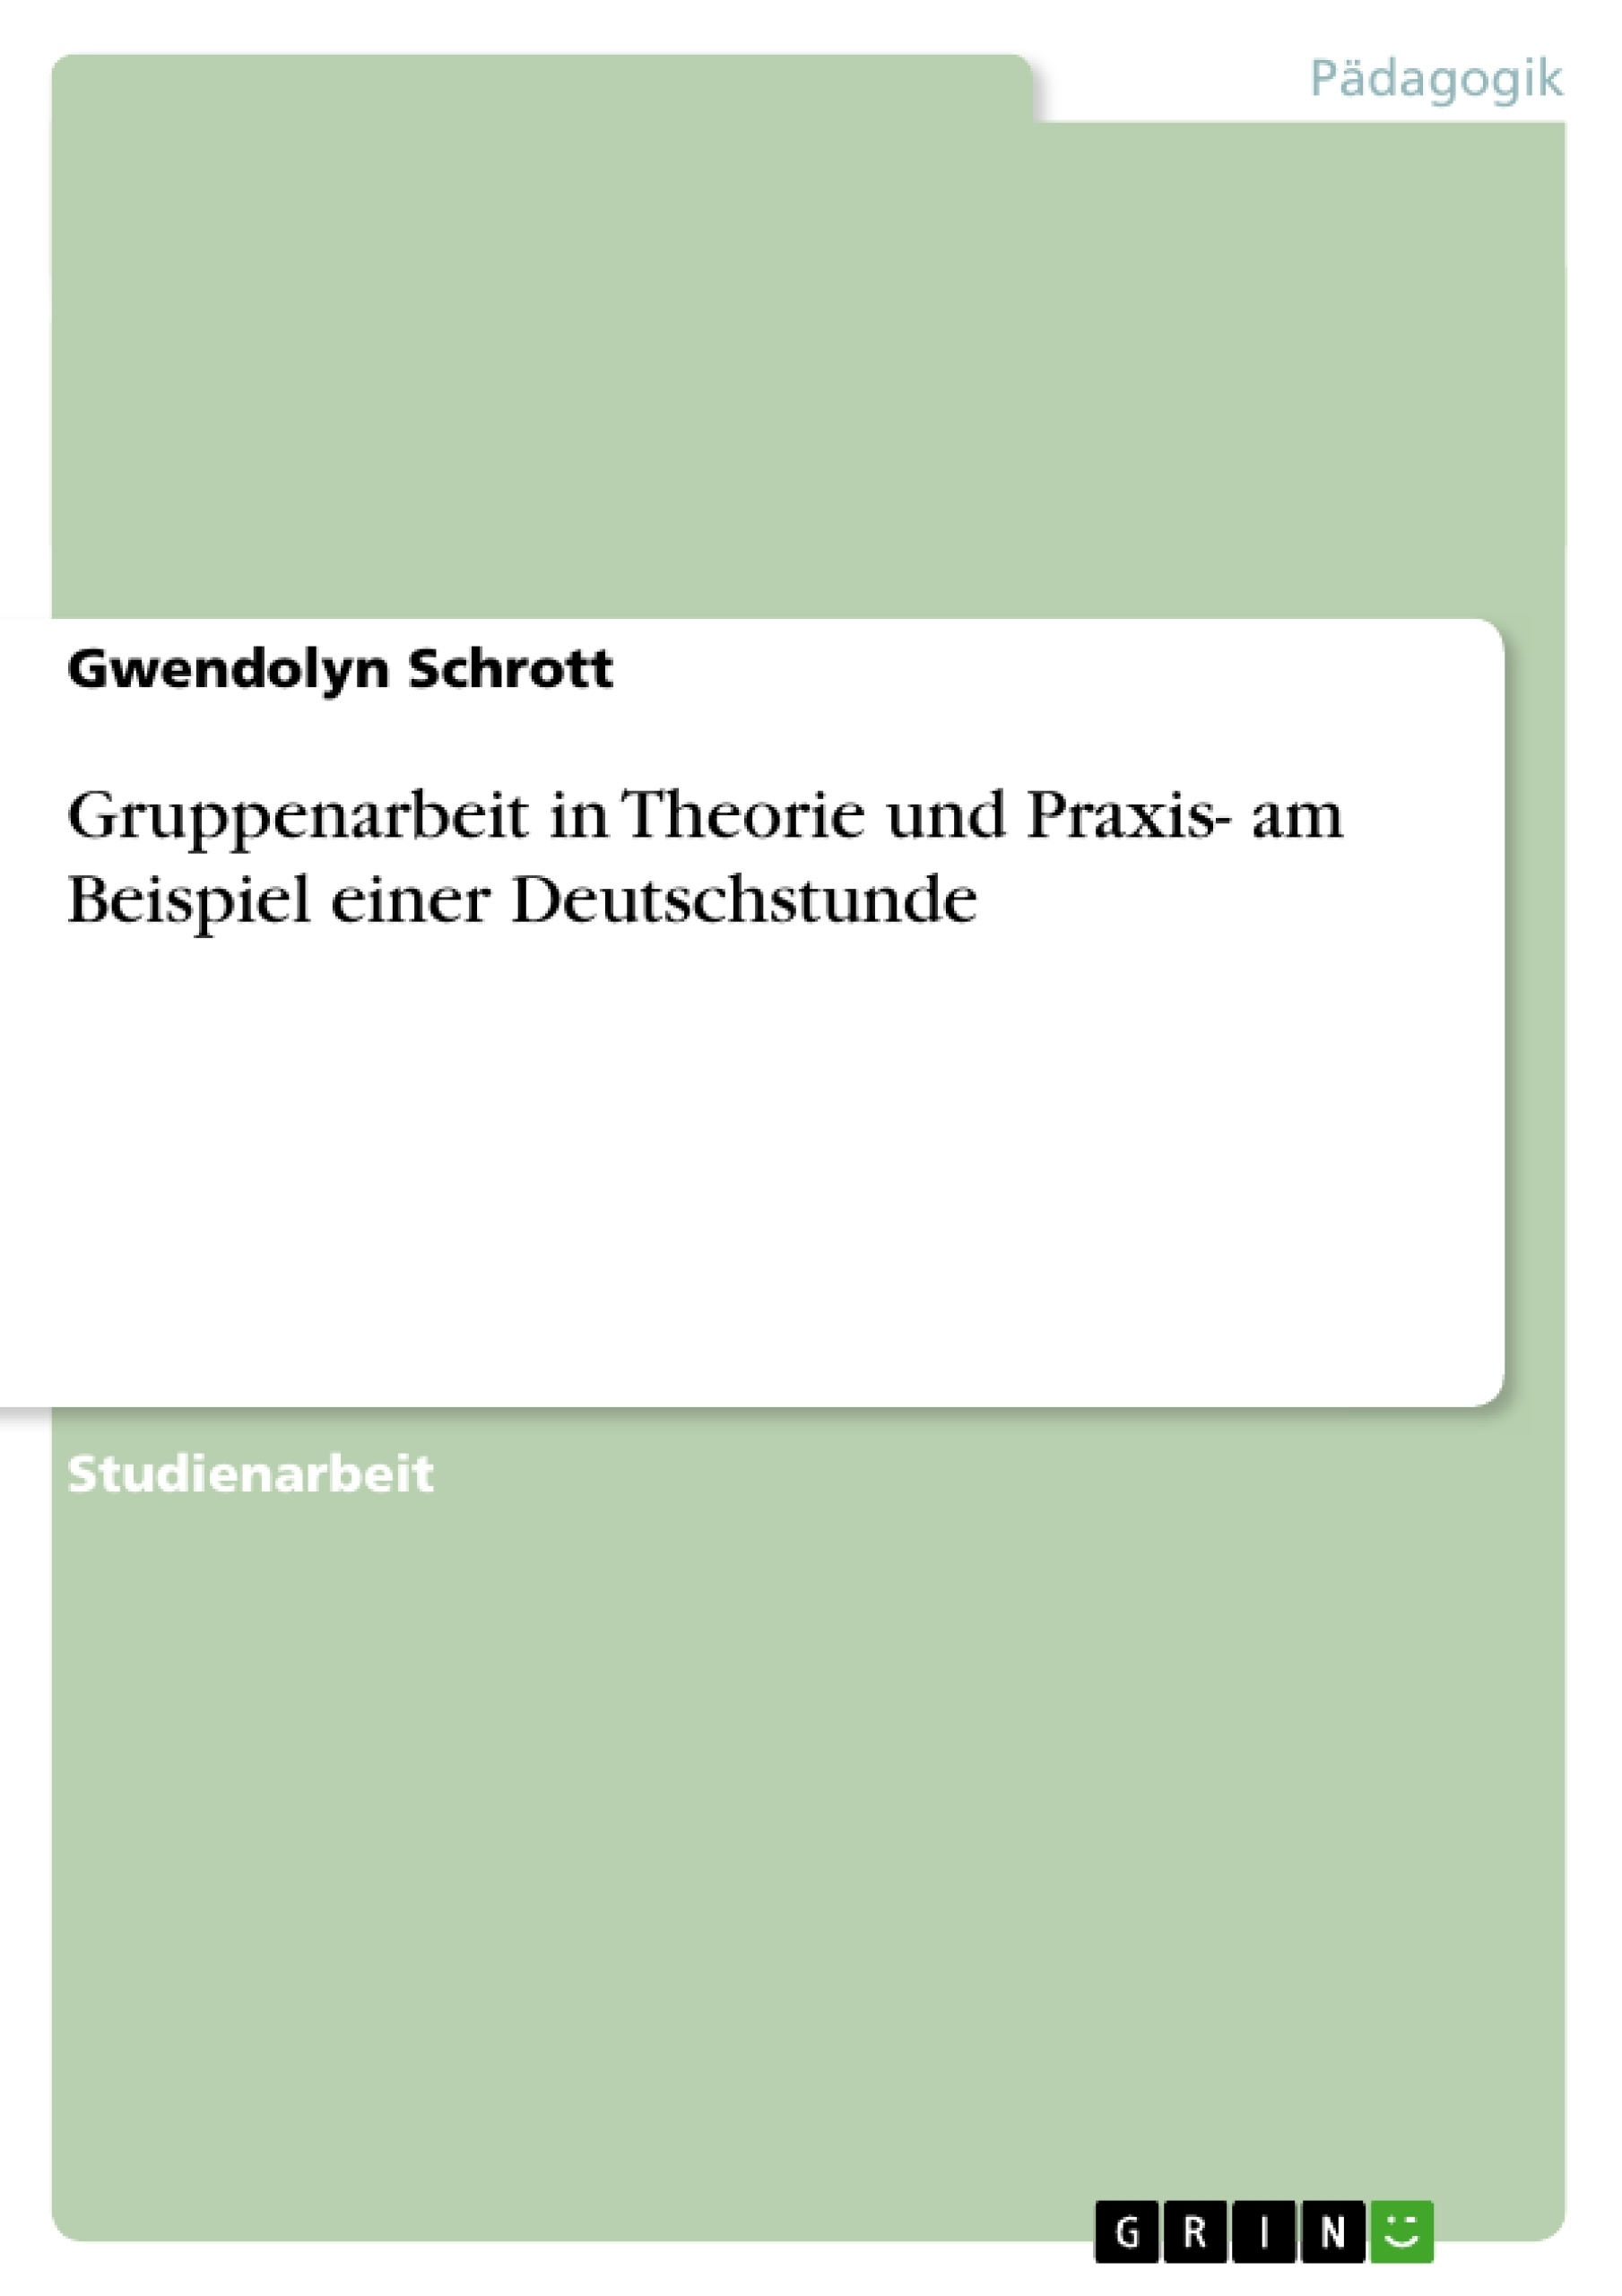 Titel: Gruppenarbeit in Theorie und Praxis- am Beispiel einer Deutschstunde